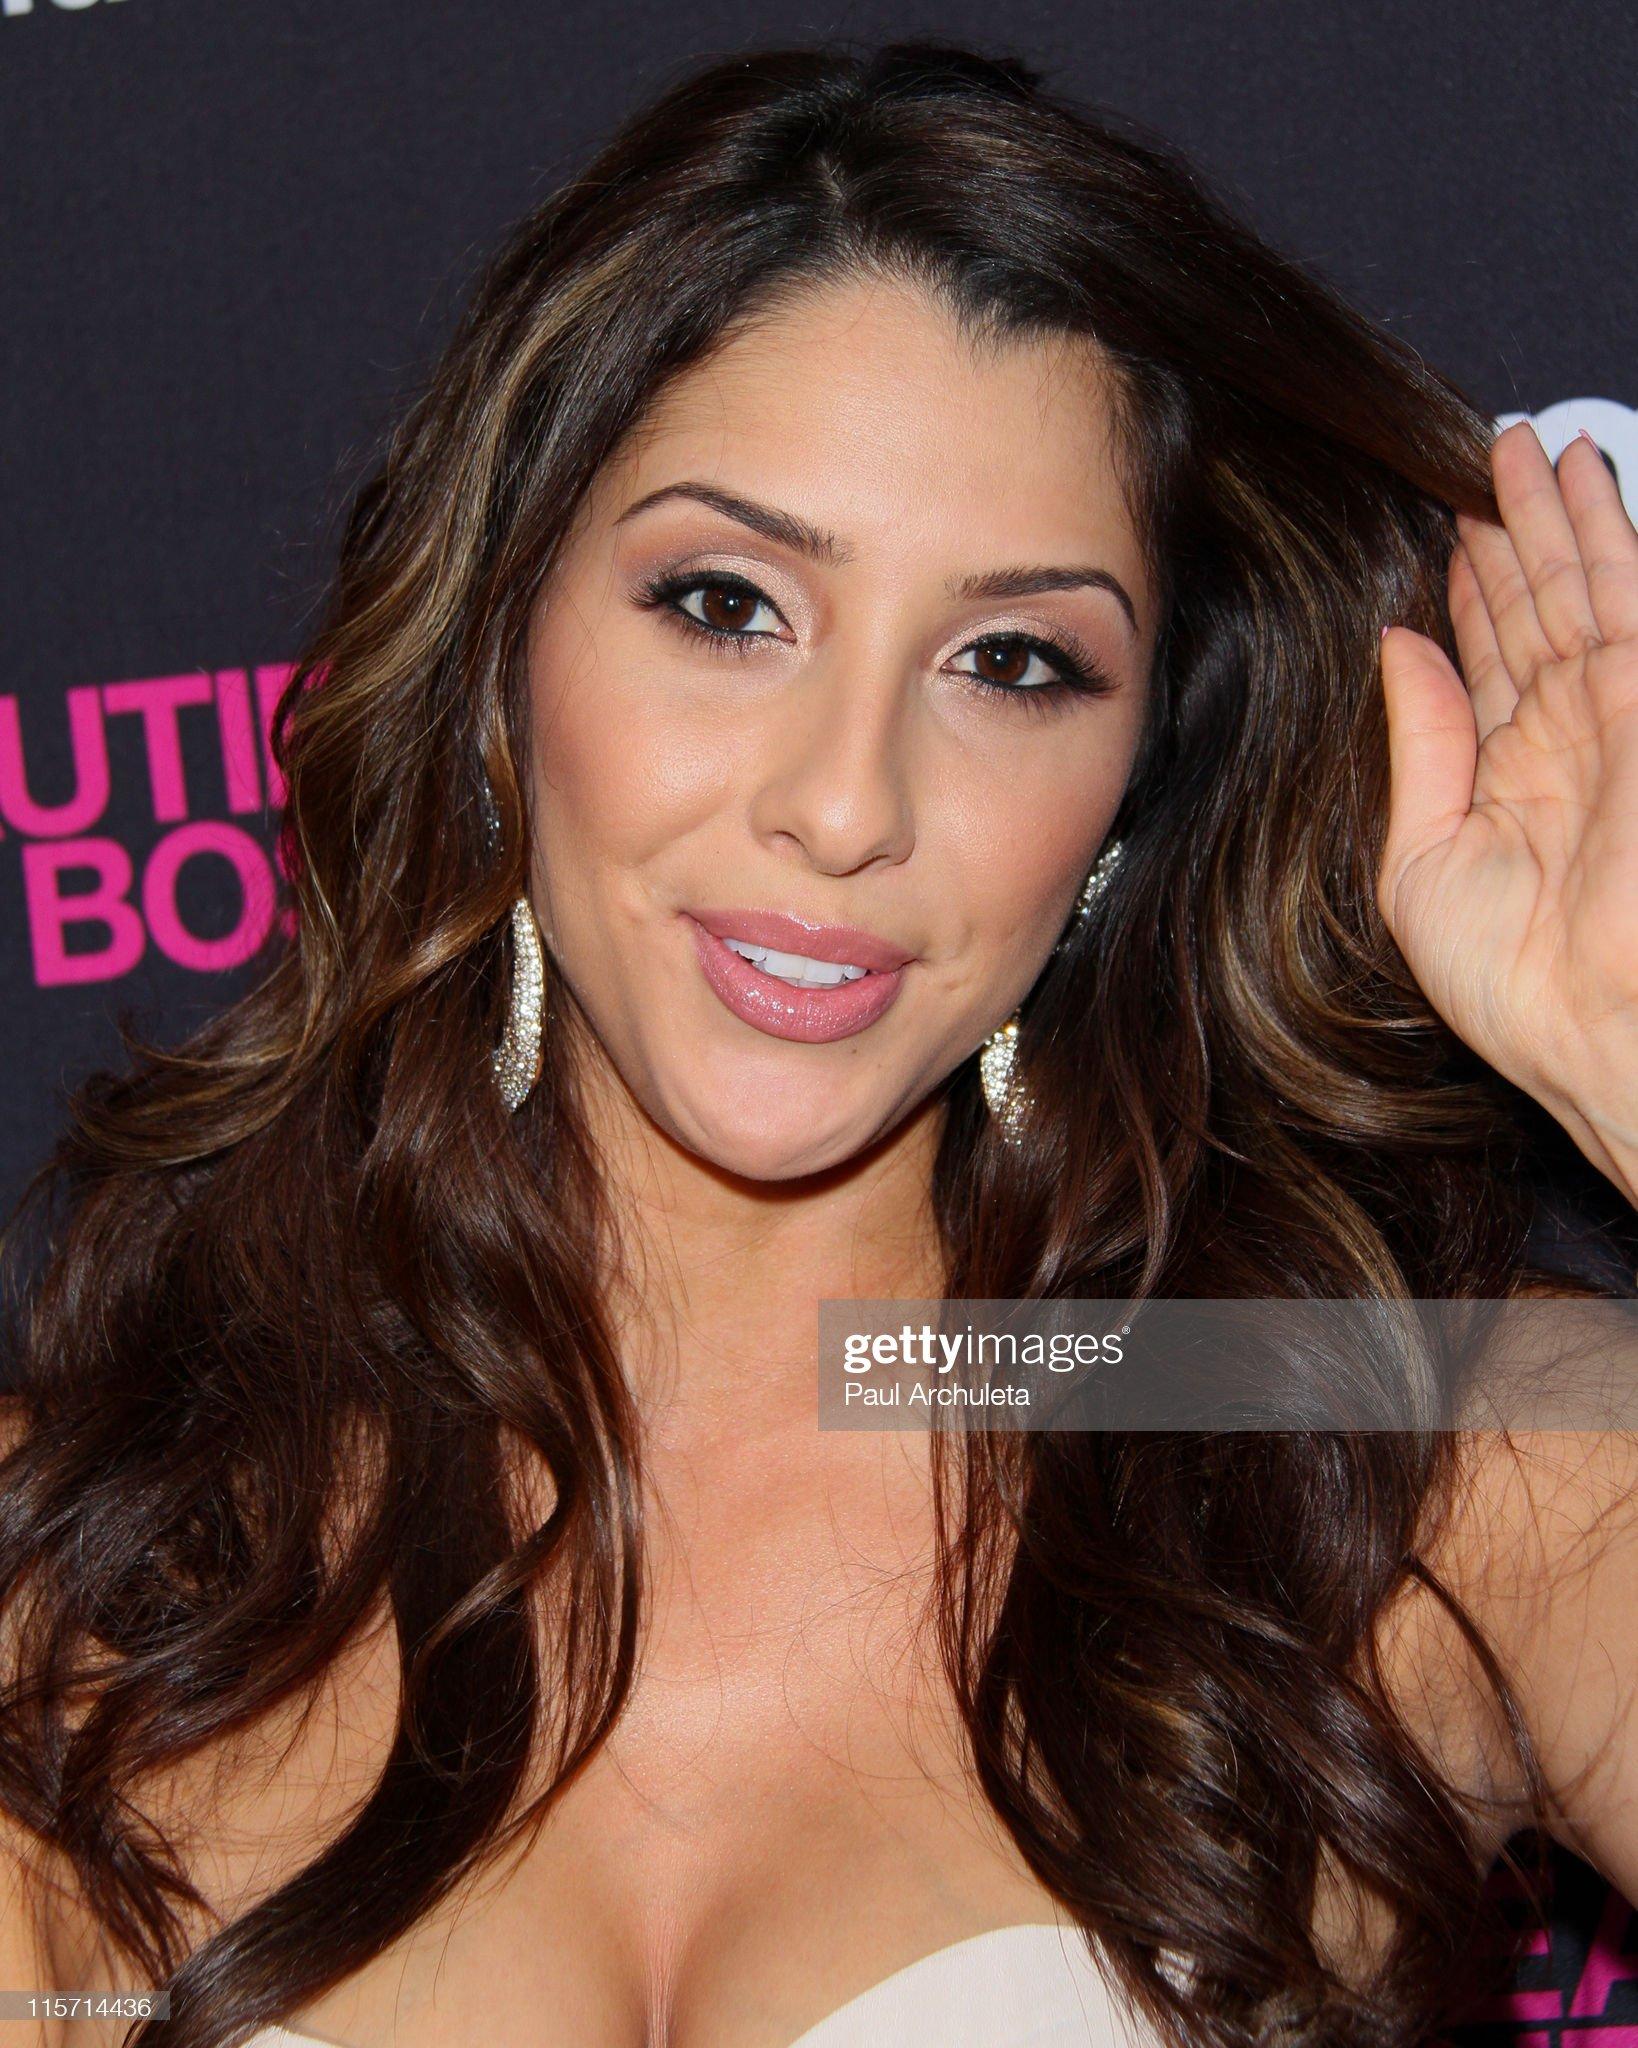 DEBATE sobre belleza, guapura y hermosura (fotos de chicas latinas, mestizas, y de todo) - VOL II - Página 9 Actress-jen-c-arrives-at-the-beauties-the-boss-premiere-party-at-my-picture-id115714436?s=2048x2048